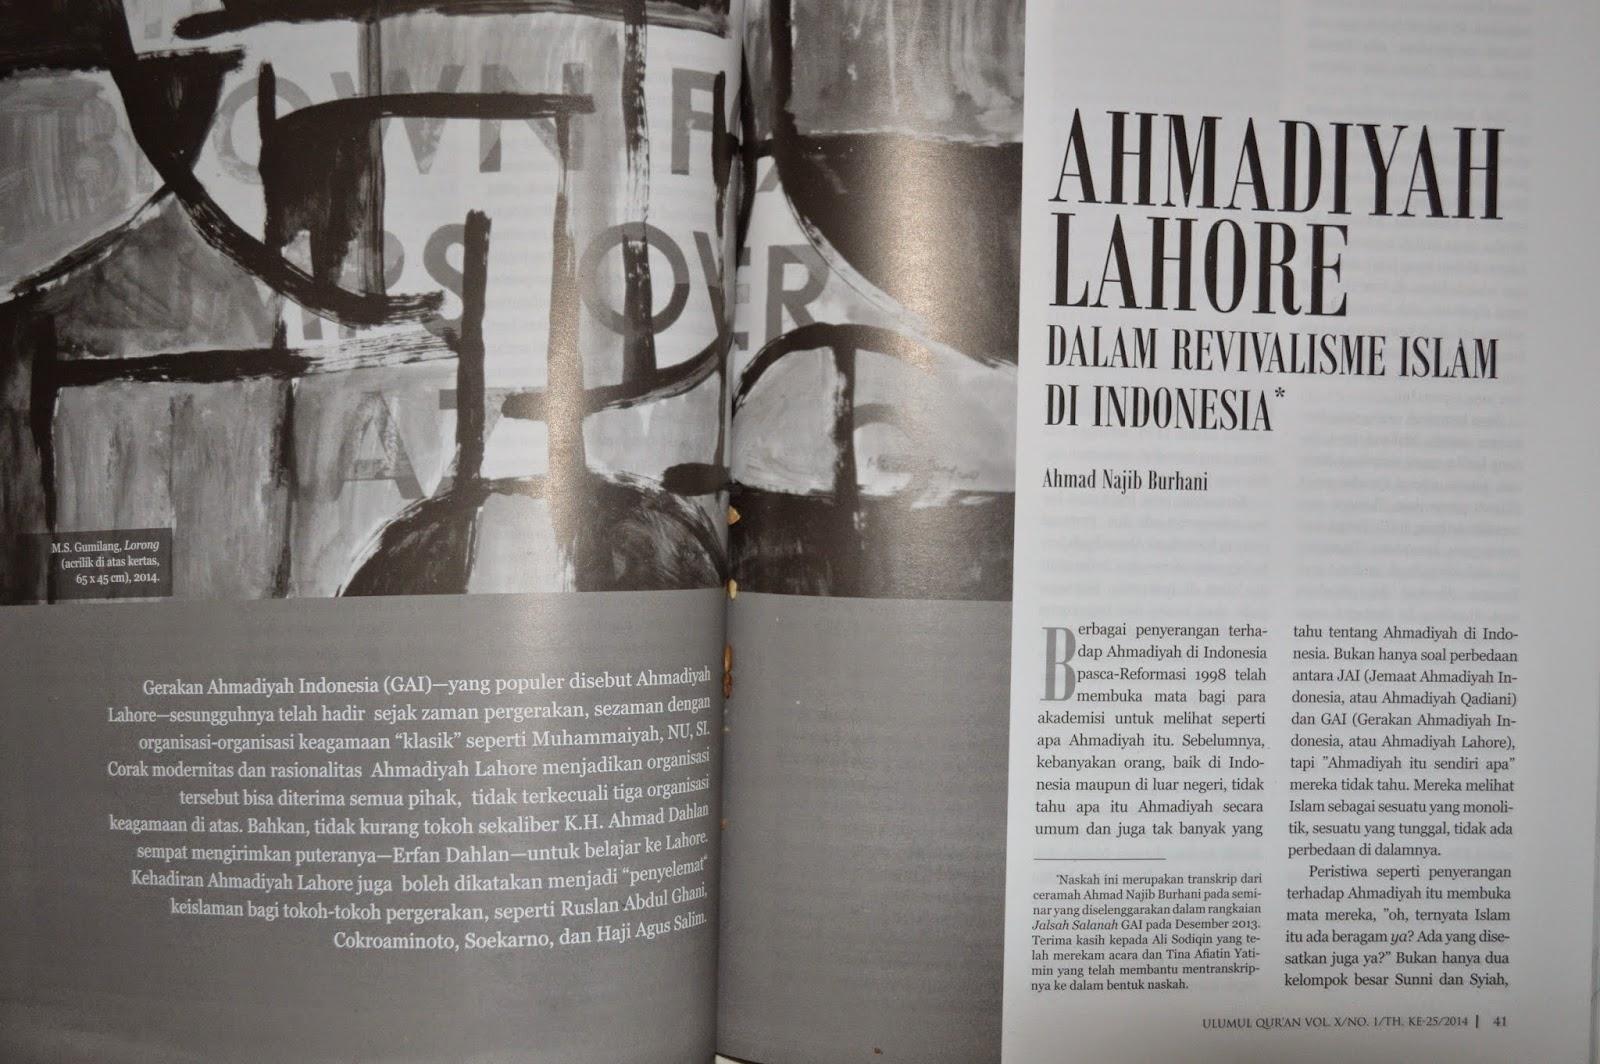 Ahmadiyah Lahore dalam Revivalisme Islam di Indonesia